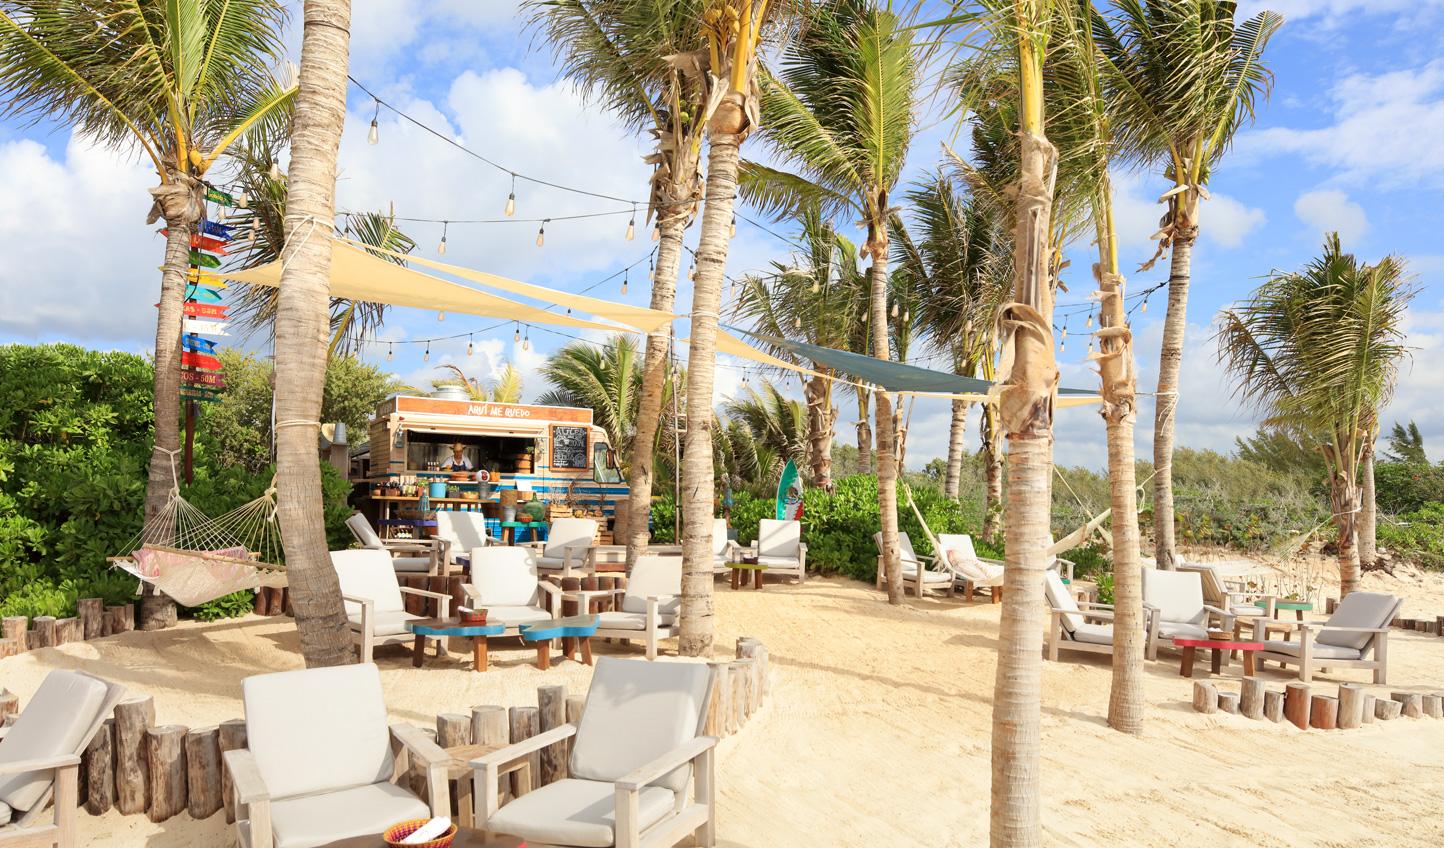 Refuel at the Beach Bar